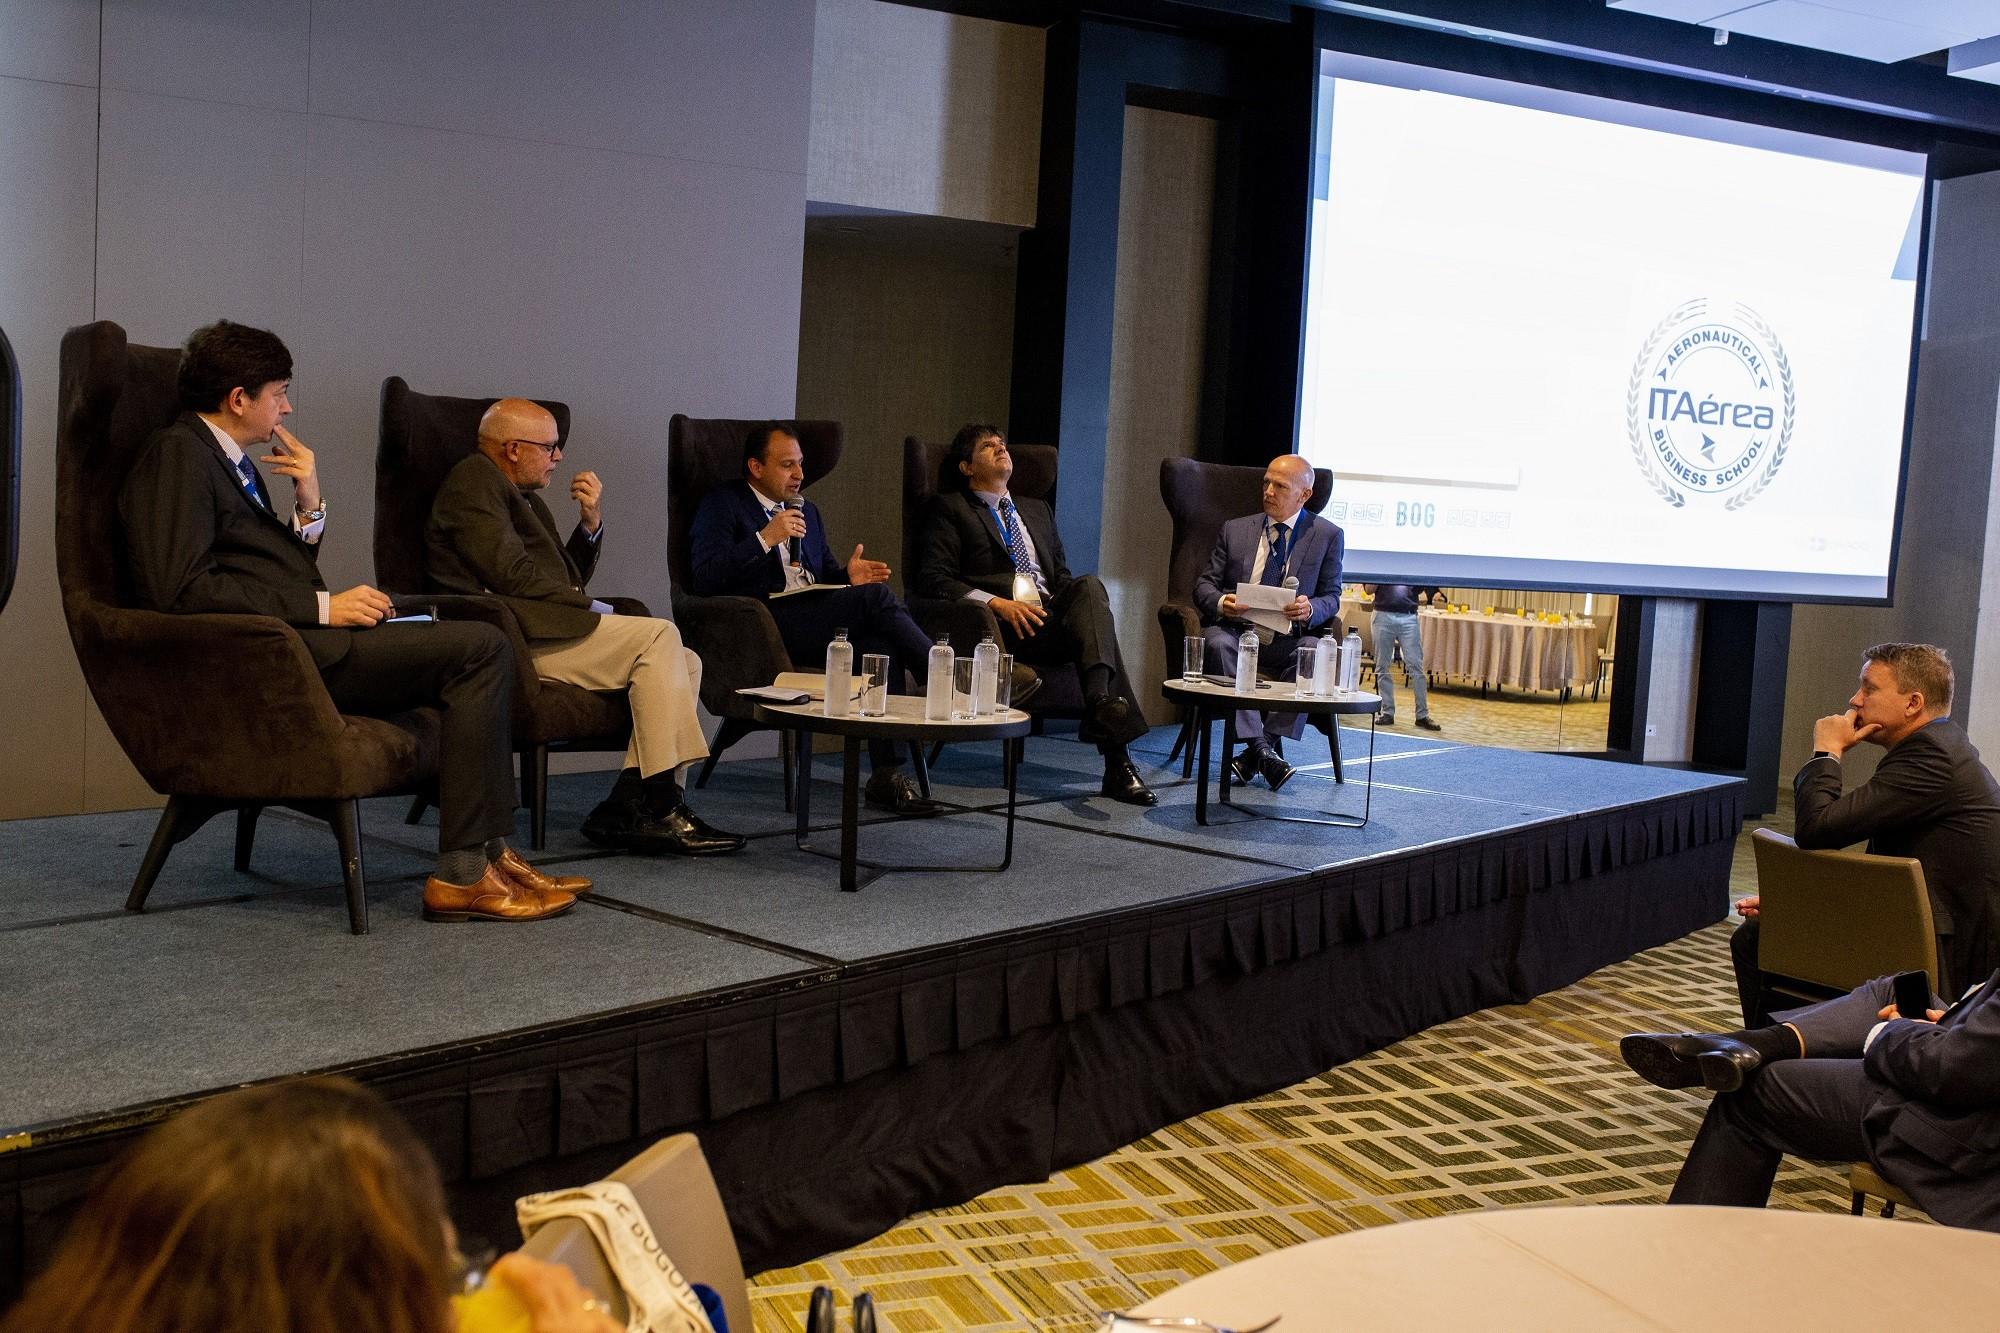 WBPs Breakfast and CEOs Panel ITAerea00492 - IV Encuentro Sectorial: Aeropuertos